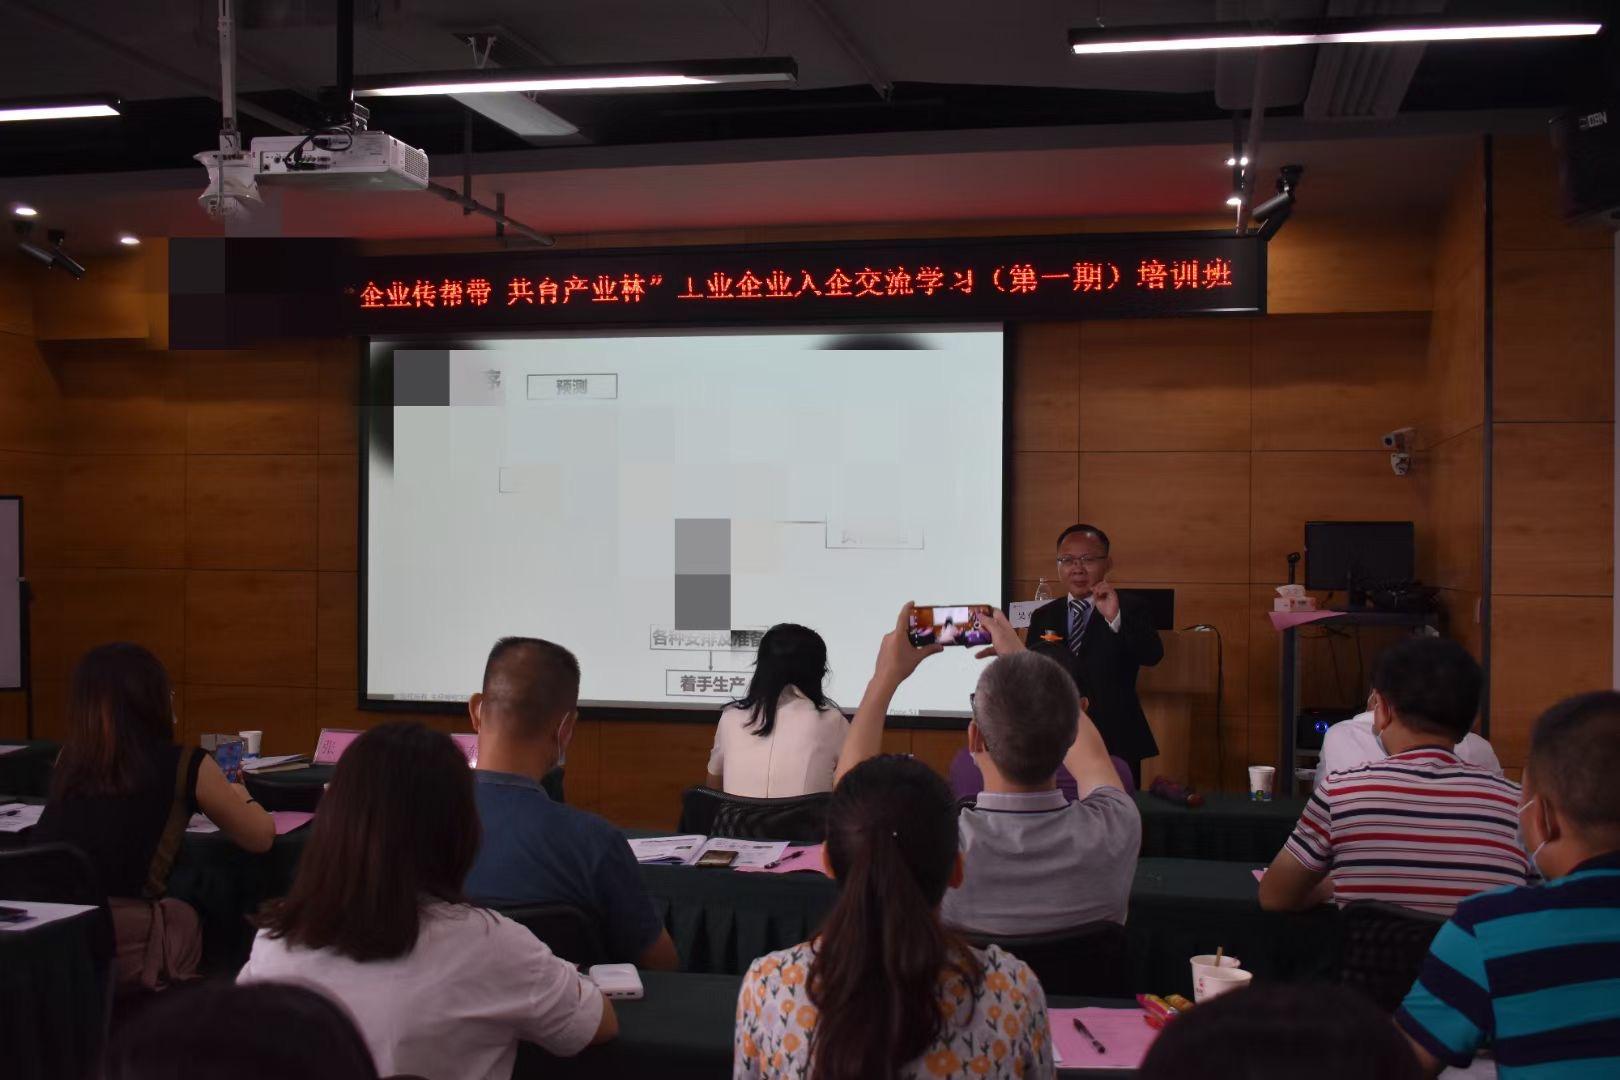 9月14日吴东翰老师【精益供应链管理】课程已圆满结束